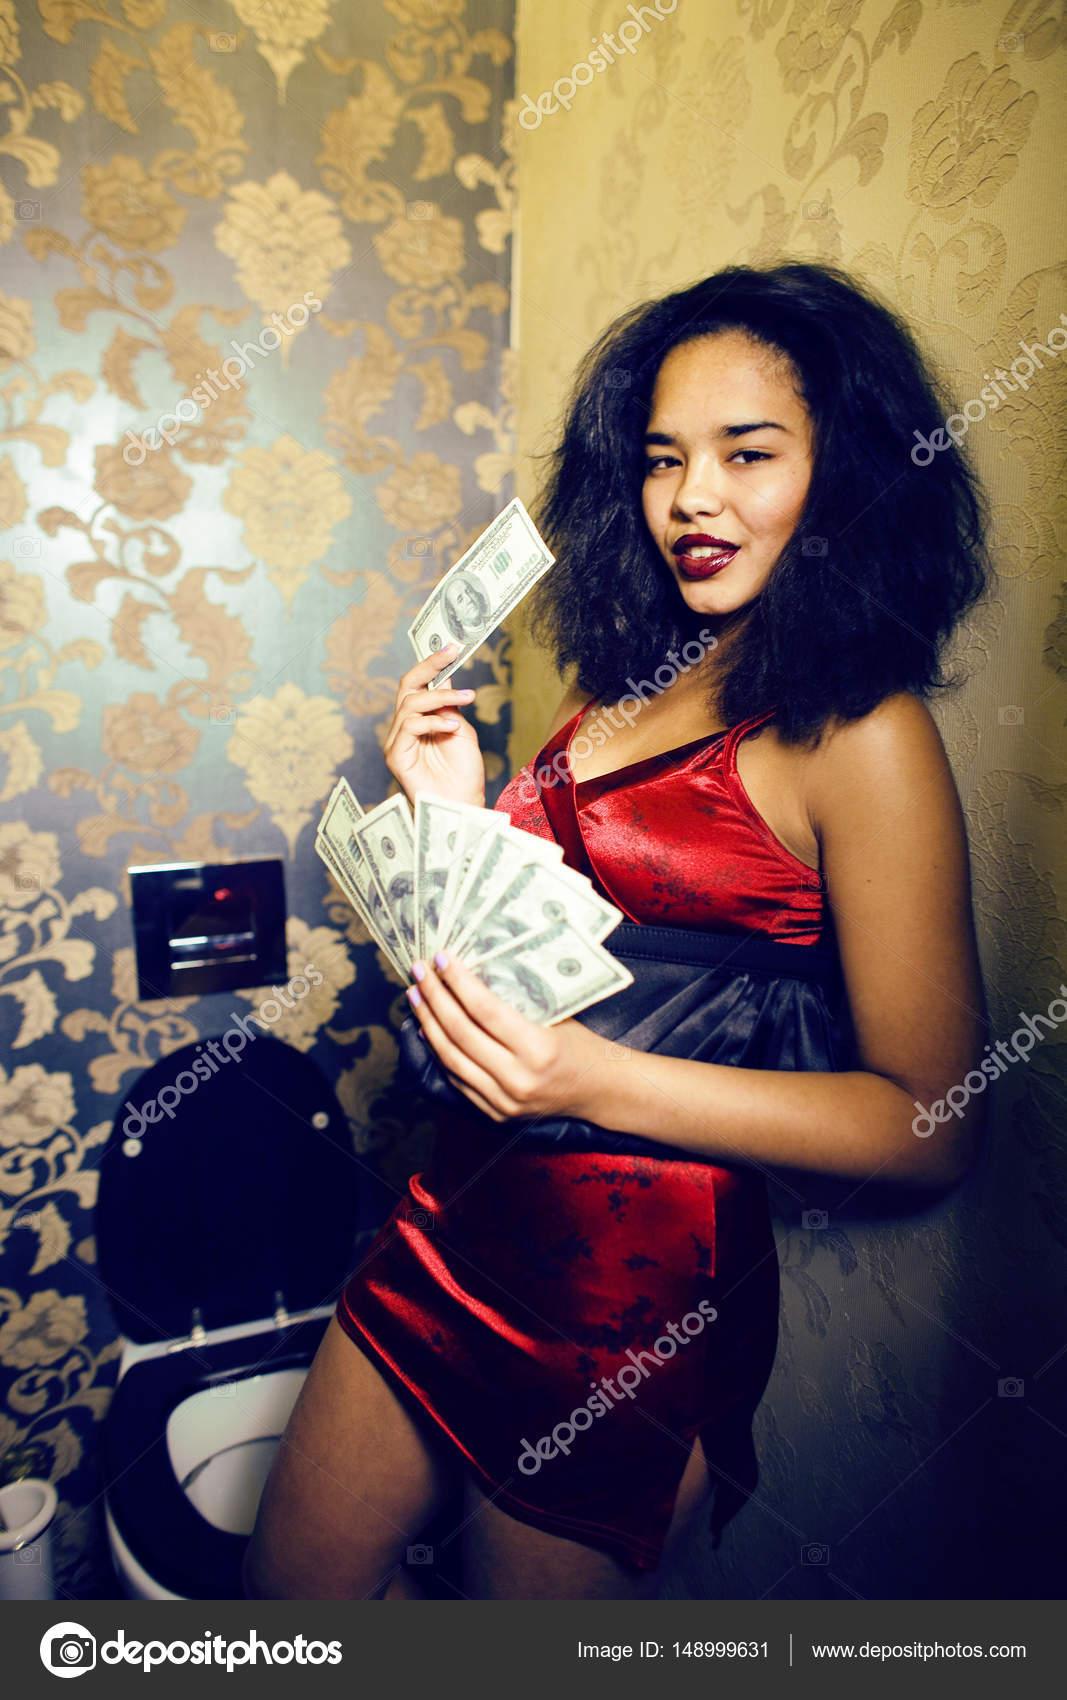 μαύρες γυναίκες που χρησιμοποιούν σεξουαλικά παιχνίδια